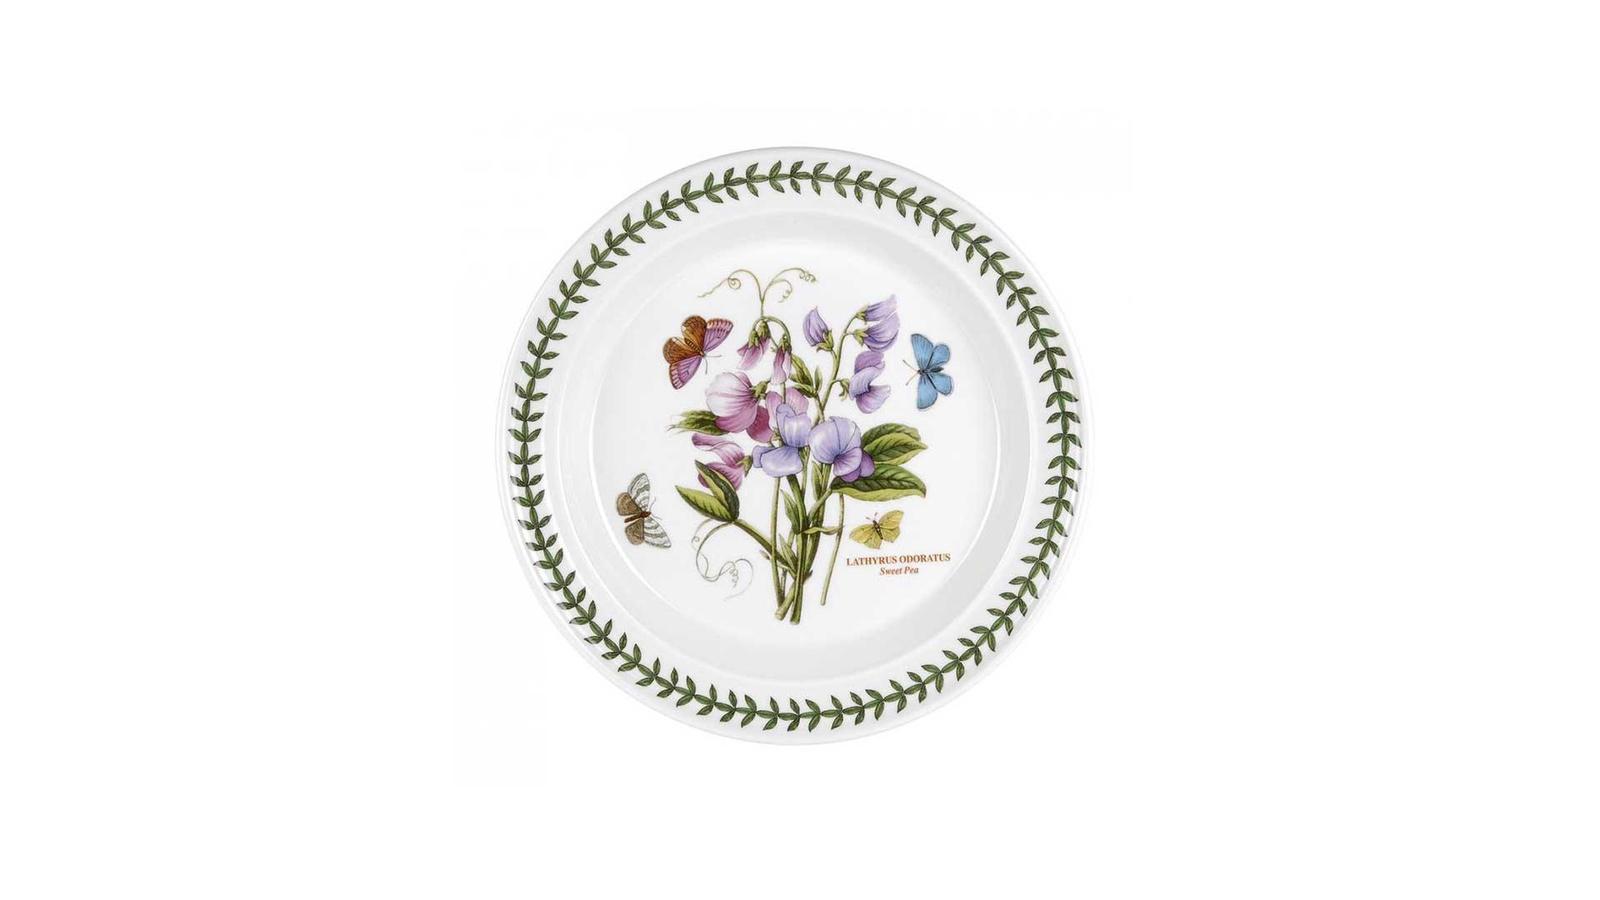 Тарелка Portmeirion PRT-BG05052-26, Фаянс закладки ботанический клуб